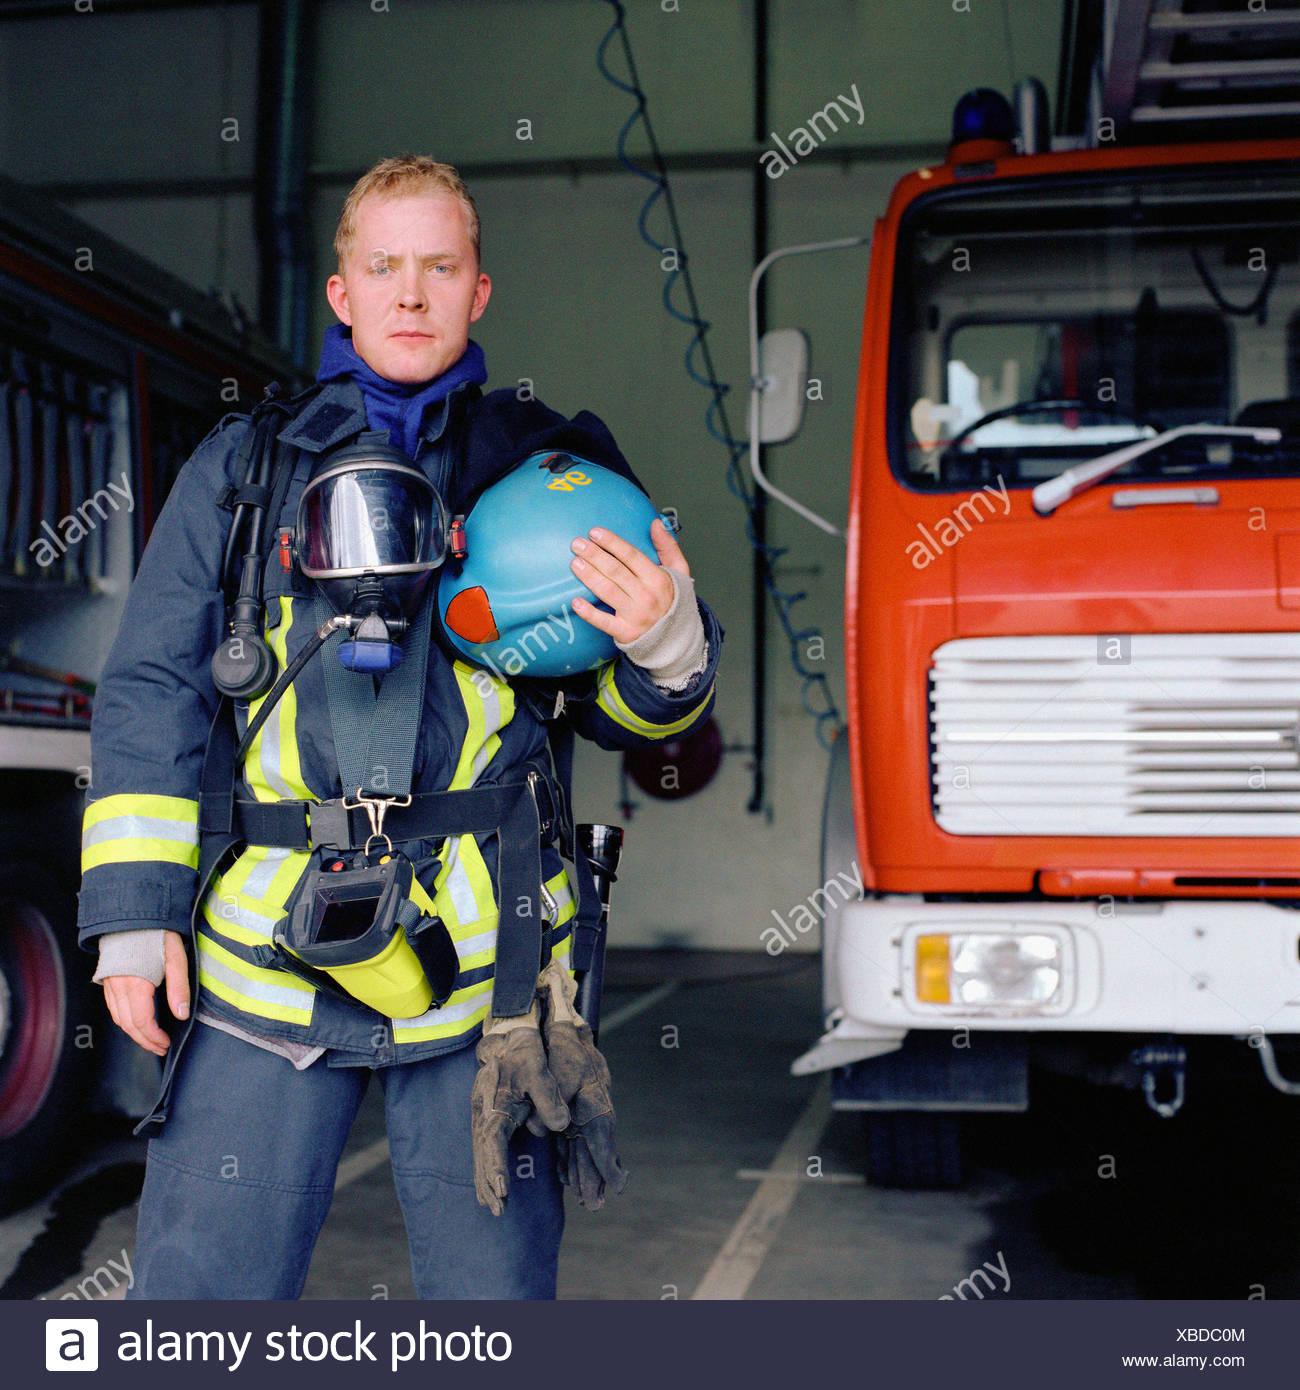 feuerwehrmann, voll ausgestattet stockfoto, bild: 282421908 - alamy